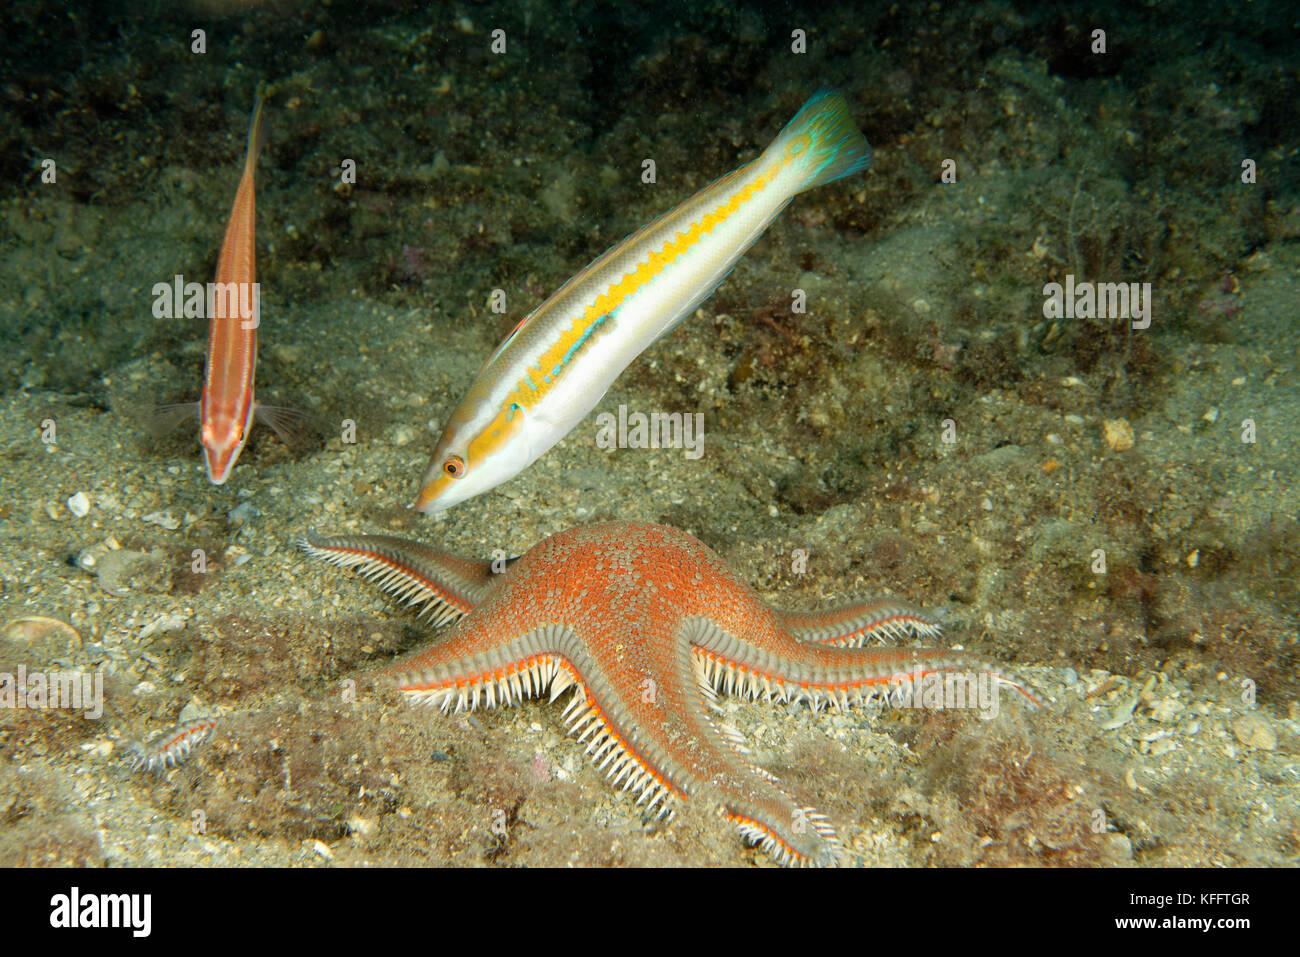 Comb star and Mediterranean rainbow wrasse, Astropecten aranciacus und Coris julis, Adriatic Sea, Mediterranean - Stock Image